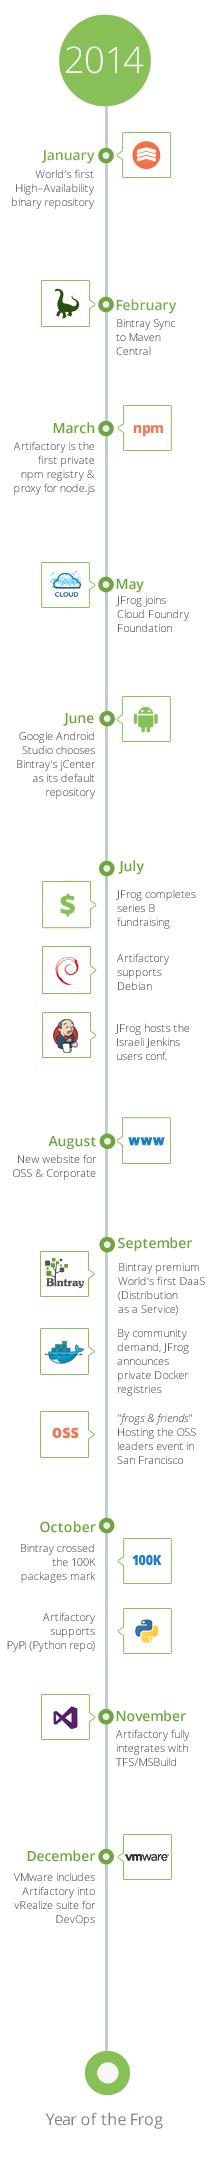 JFrog 2014 Timeline